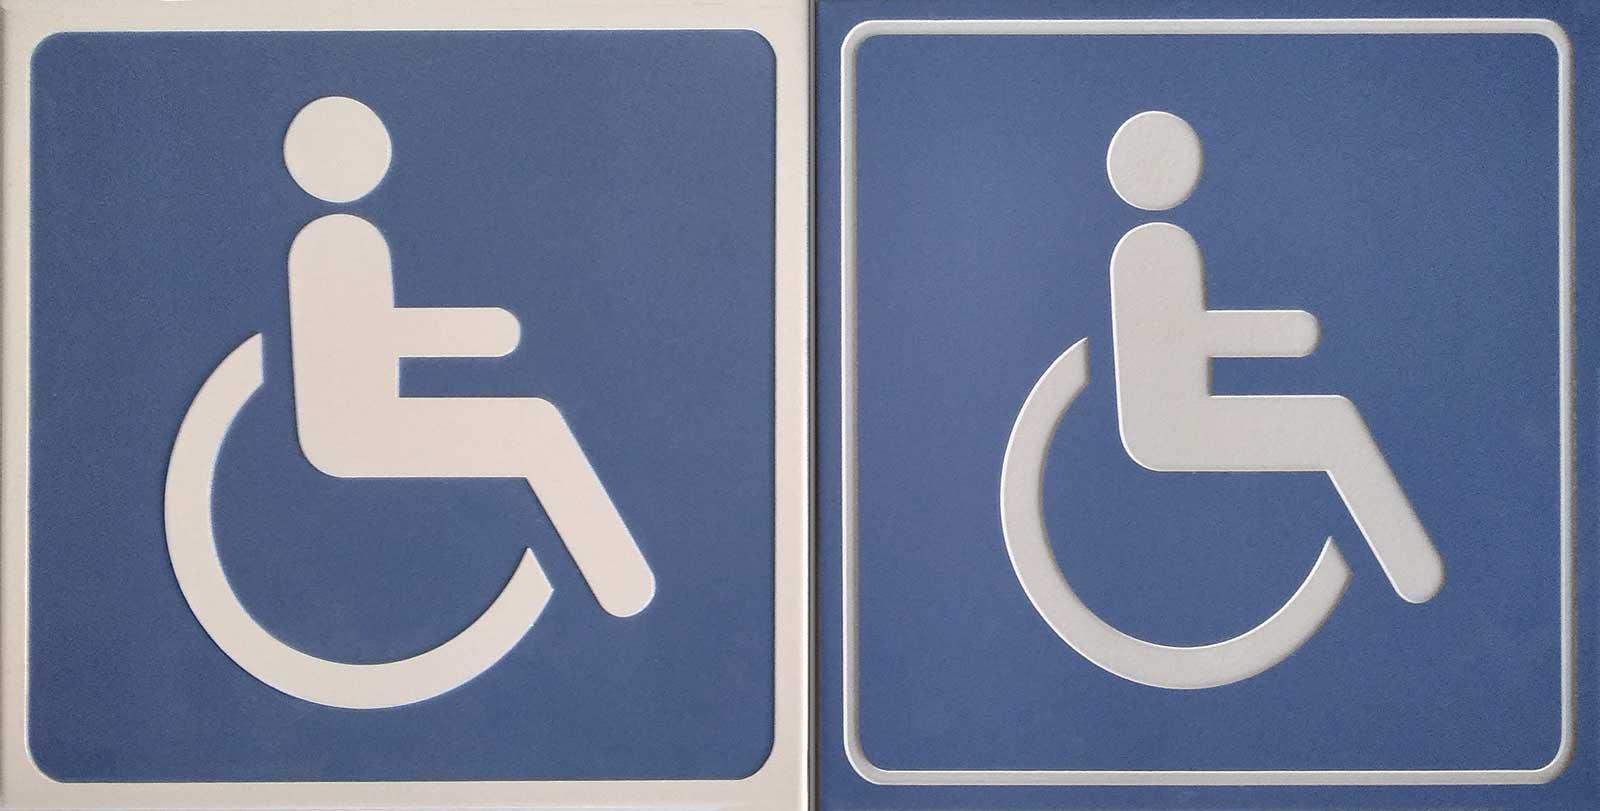 sabb_disabili.jpg